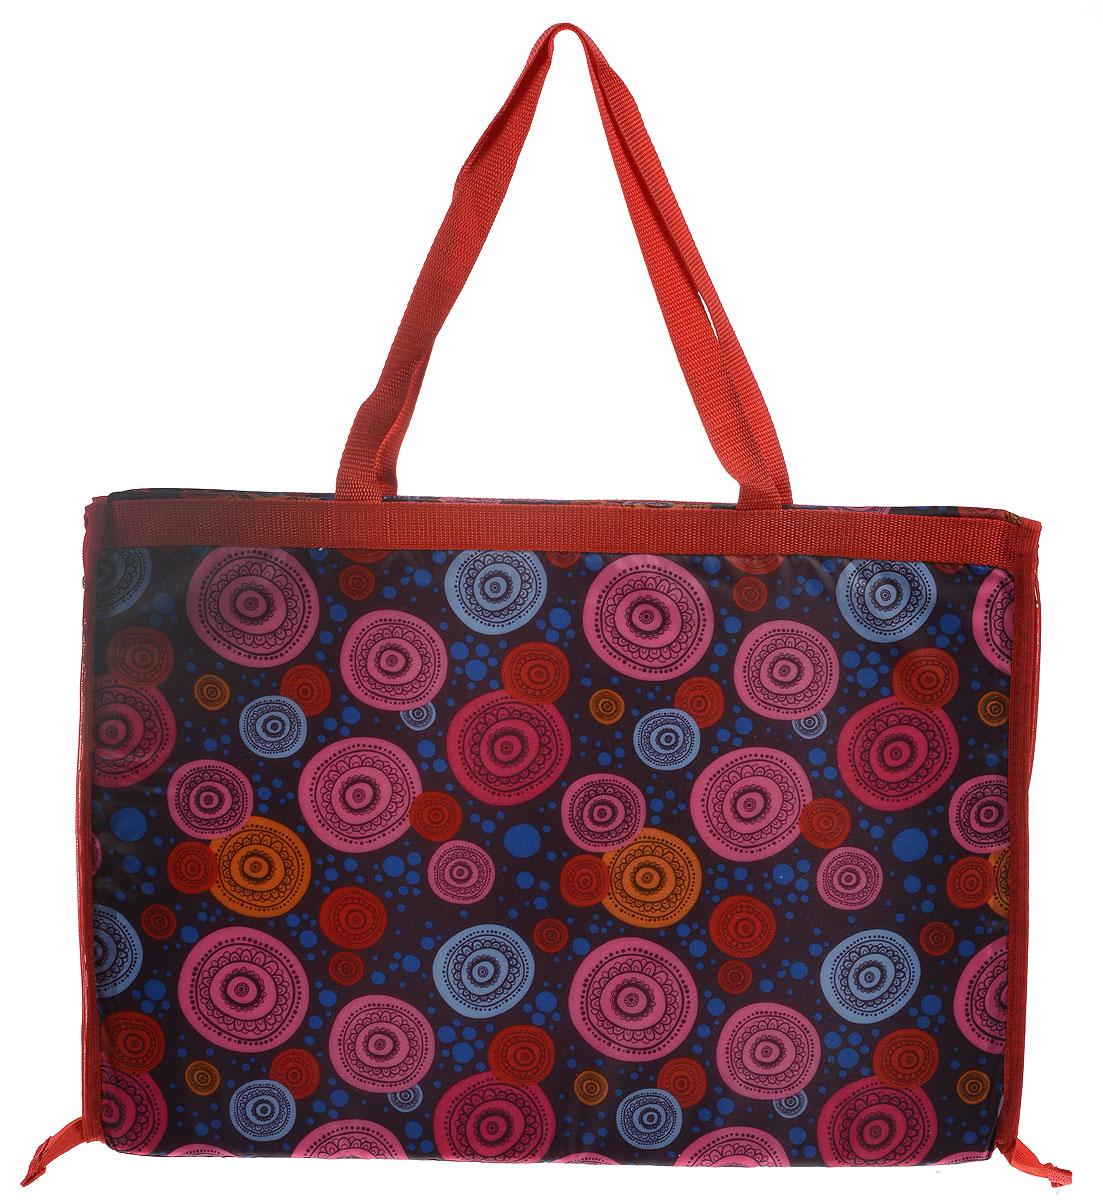 Сумка-коврик для пляжа Eva, 38 х 52 смК37_розовый, красный, синийСумка-коврик Ева изготовлена из полиэтилена и пенополиэтилена. Вместимая сумка на молнии одним движение превращается в удобный пляжный коврик для загорания. Для отдыха на пляже или пикника будет полезной такая вещь, как сумка-коврик для пляжа. Изделие сделает ваш отдых комфортным и приятным. Размер сумки-коврика (в сложенном виде): 38 х 52 см. Размер сумки-коврика (в развернутом виде): 145 х 52 см.